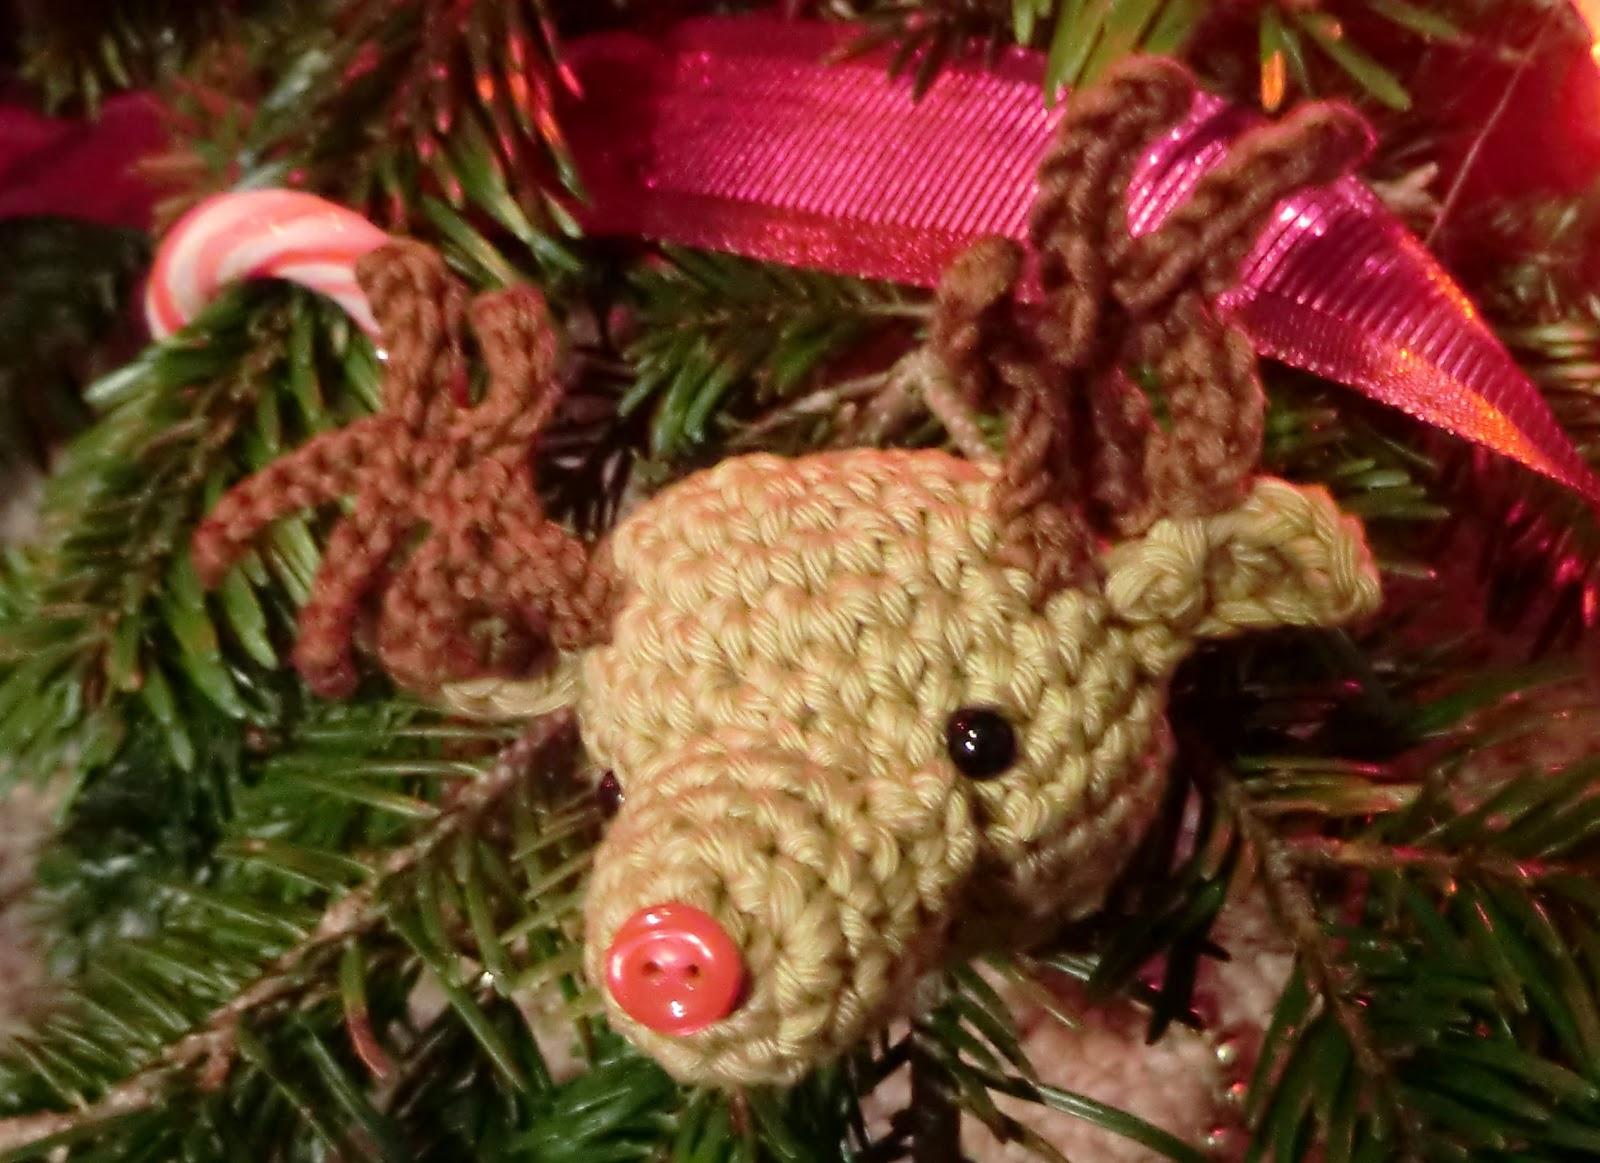 Free Amigurumi Reindeer Patterns : Amigurumi Barmy: Free crochet pattern reindeer